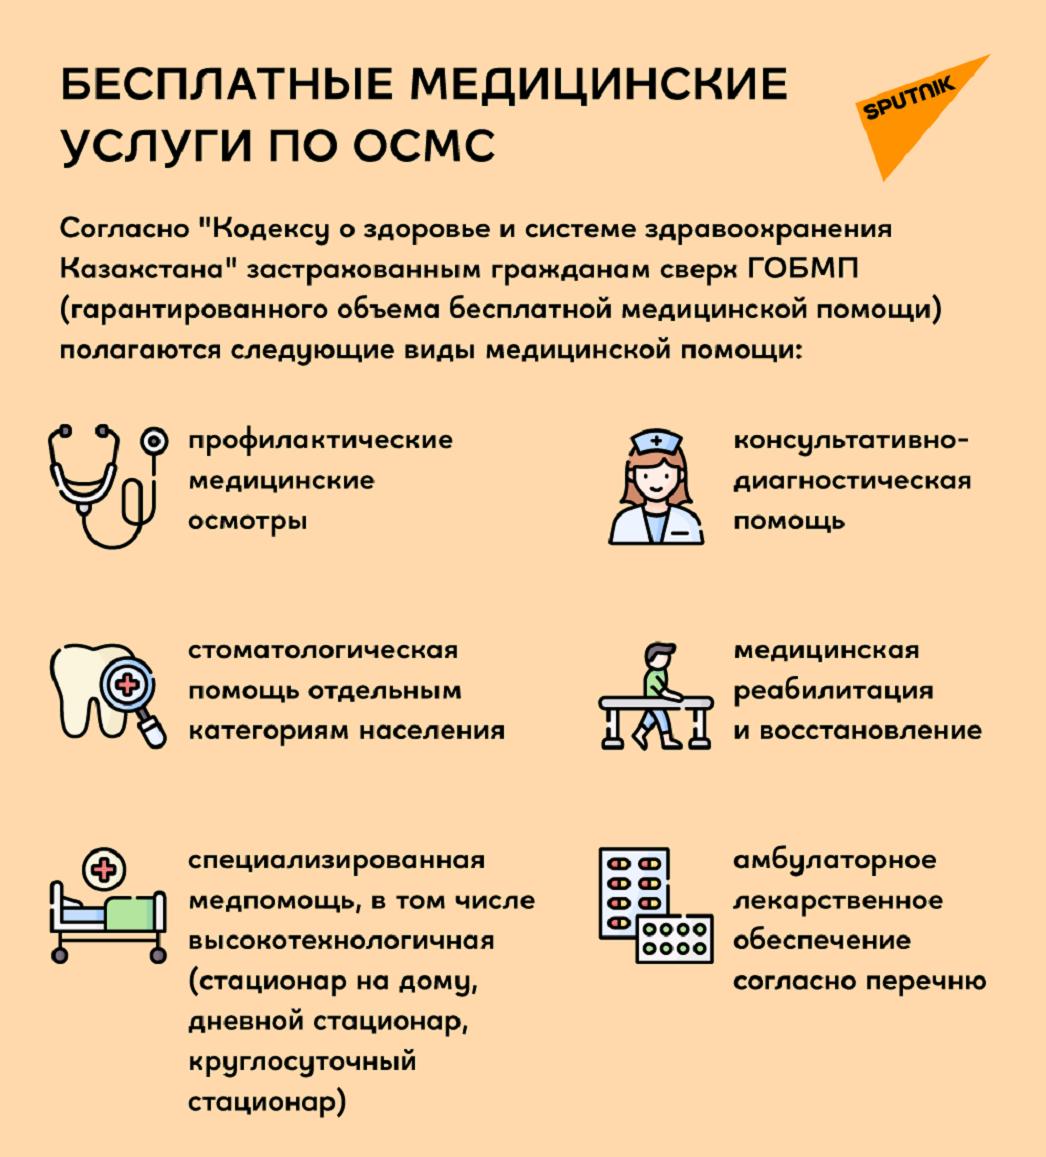 Бесплатные медицинские услуги по ОСМС